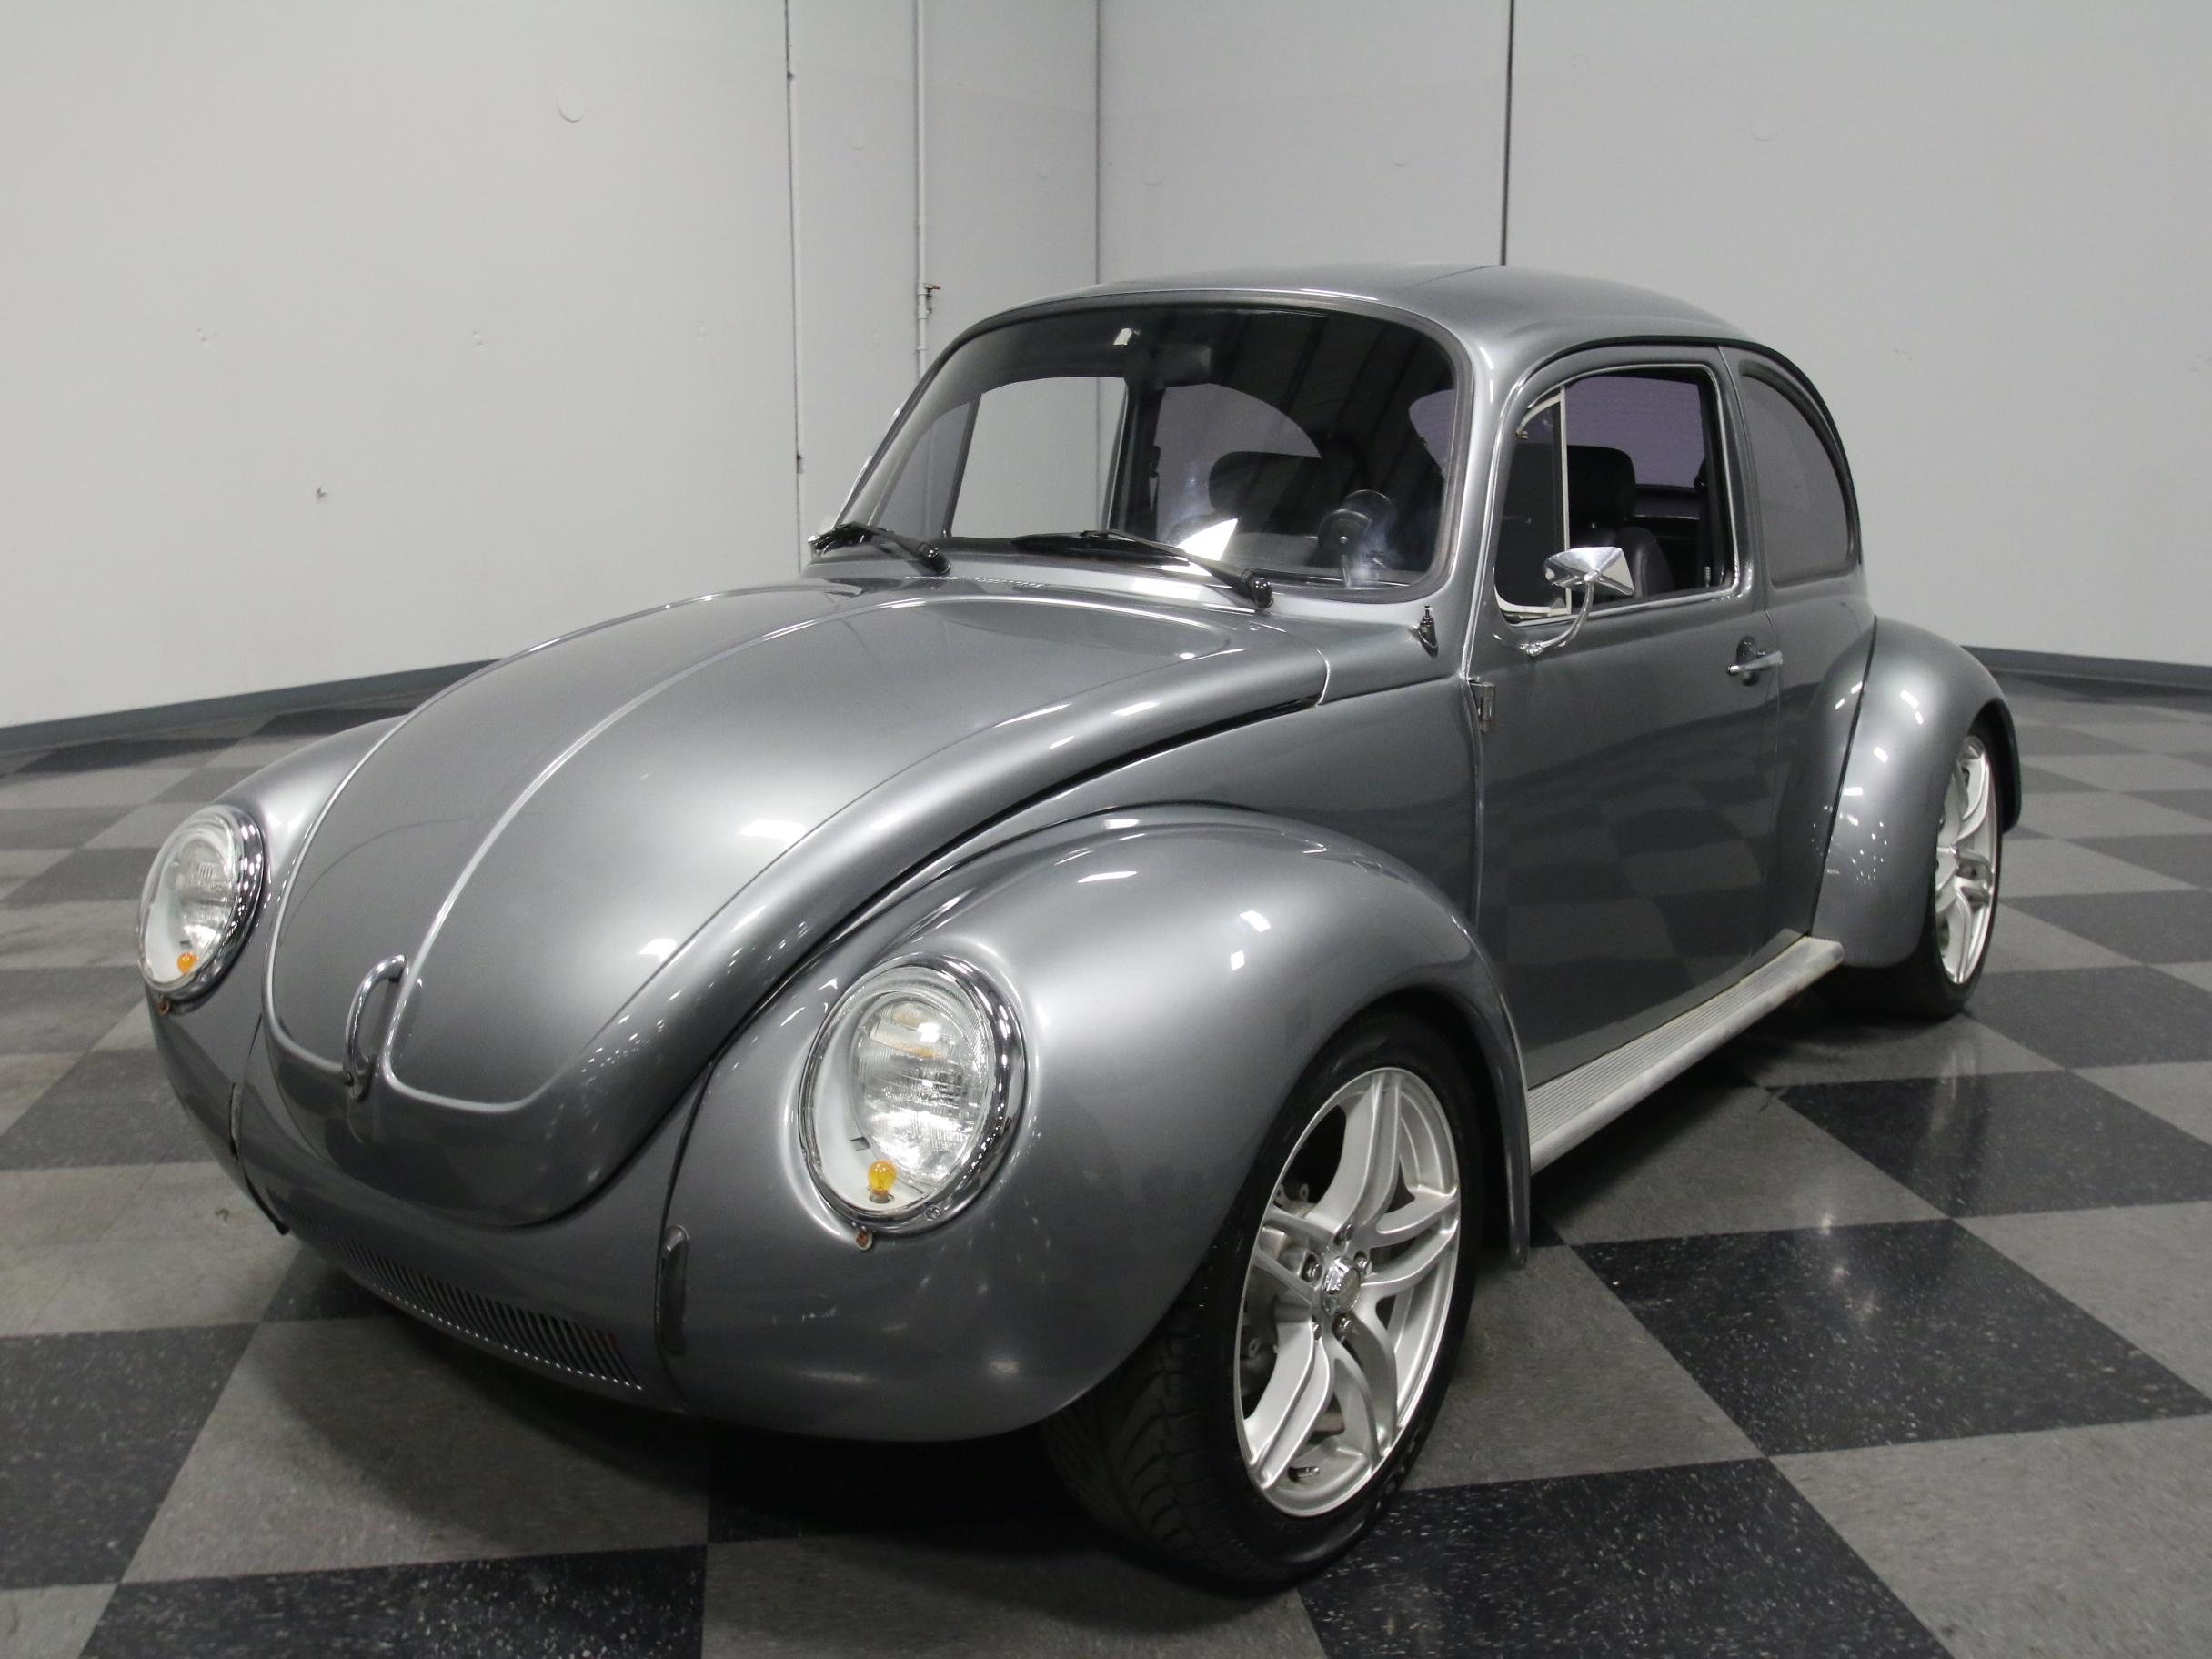 1973 Volkswagen Beetle - Classic | eBay